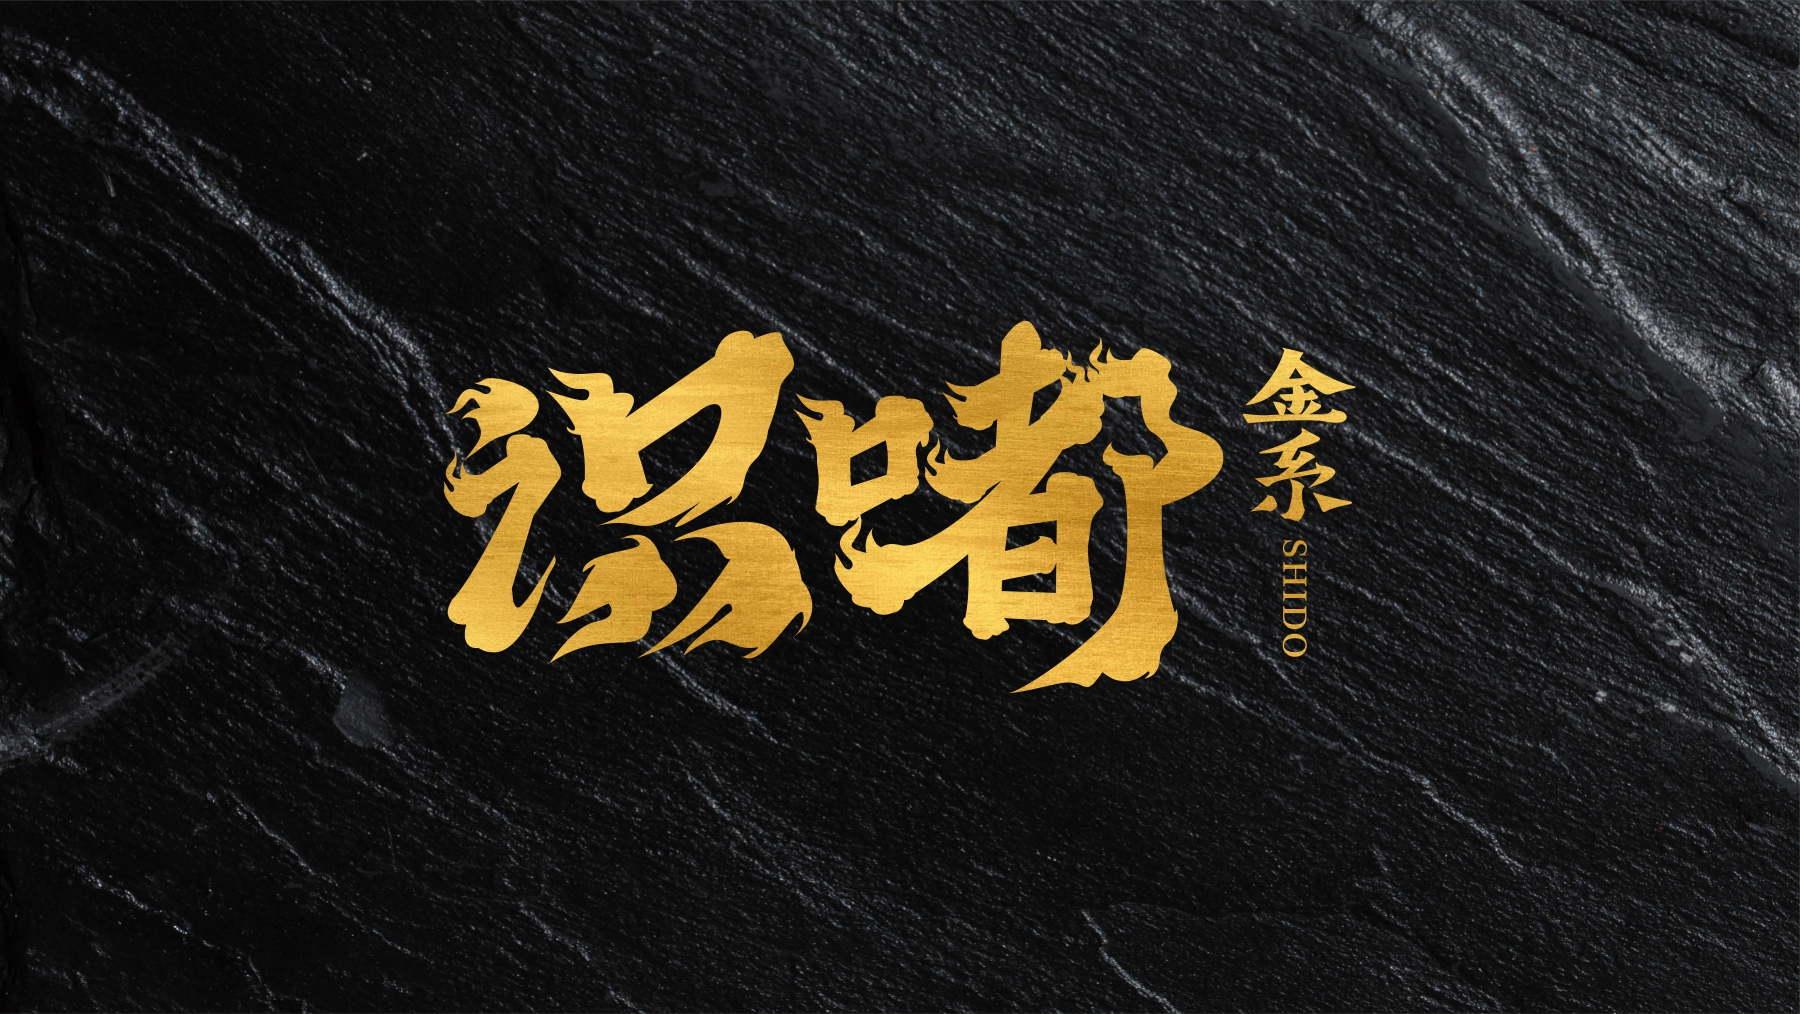 企业logo属于一个代表了商业价值的符号